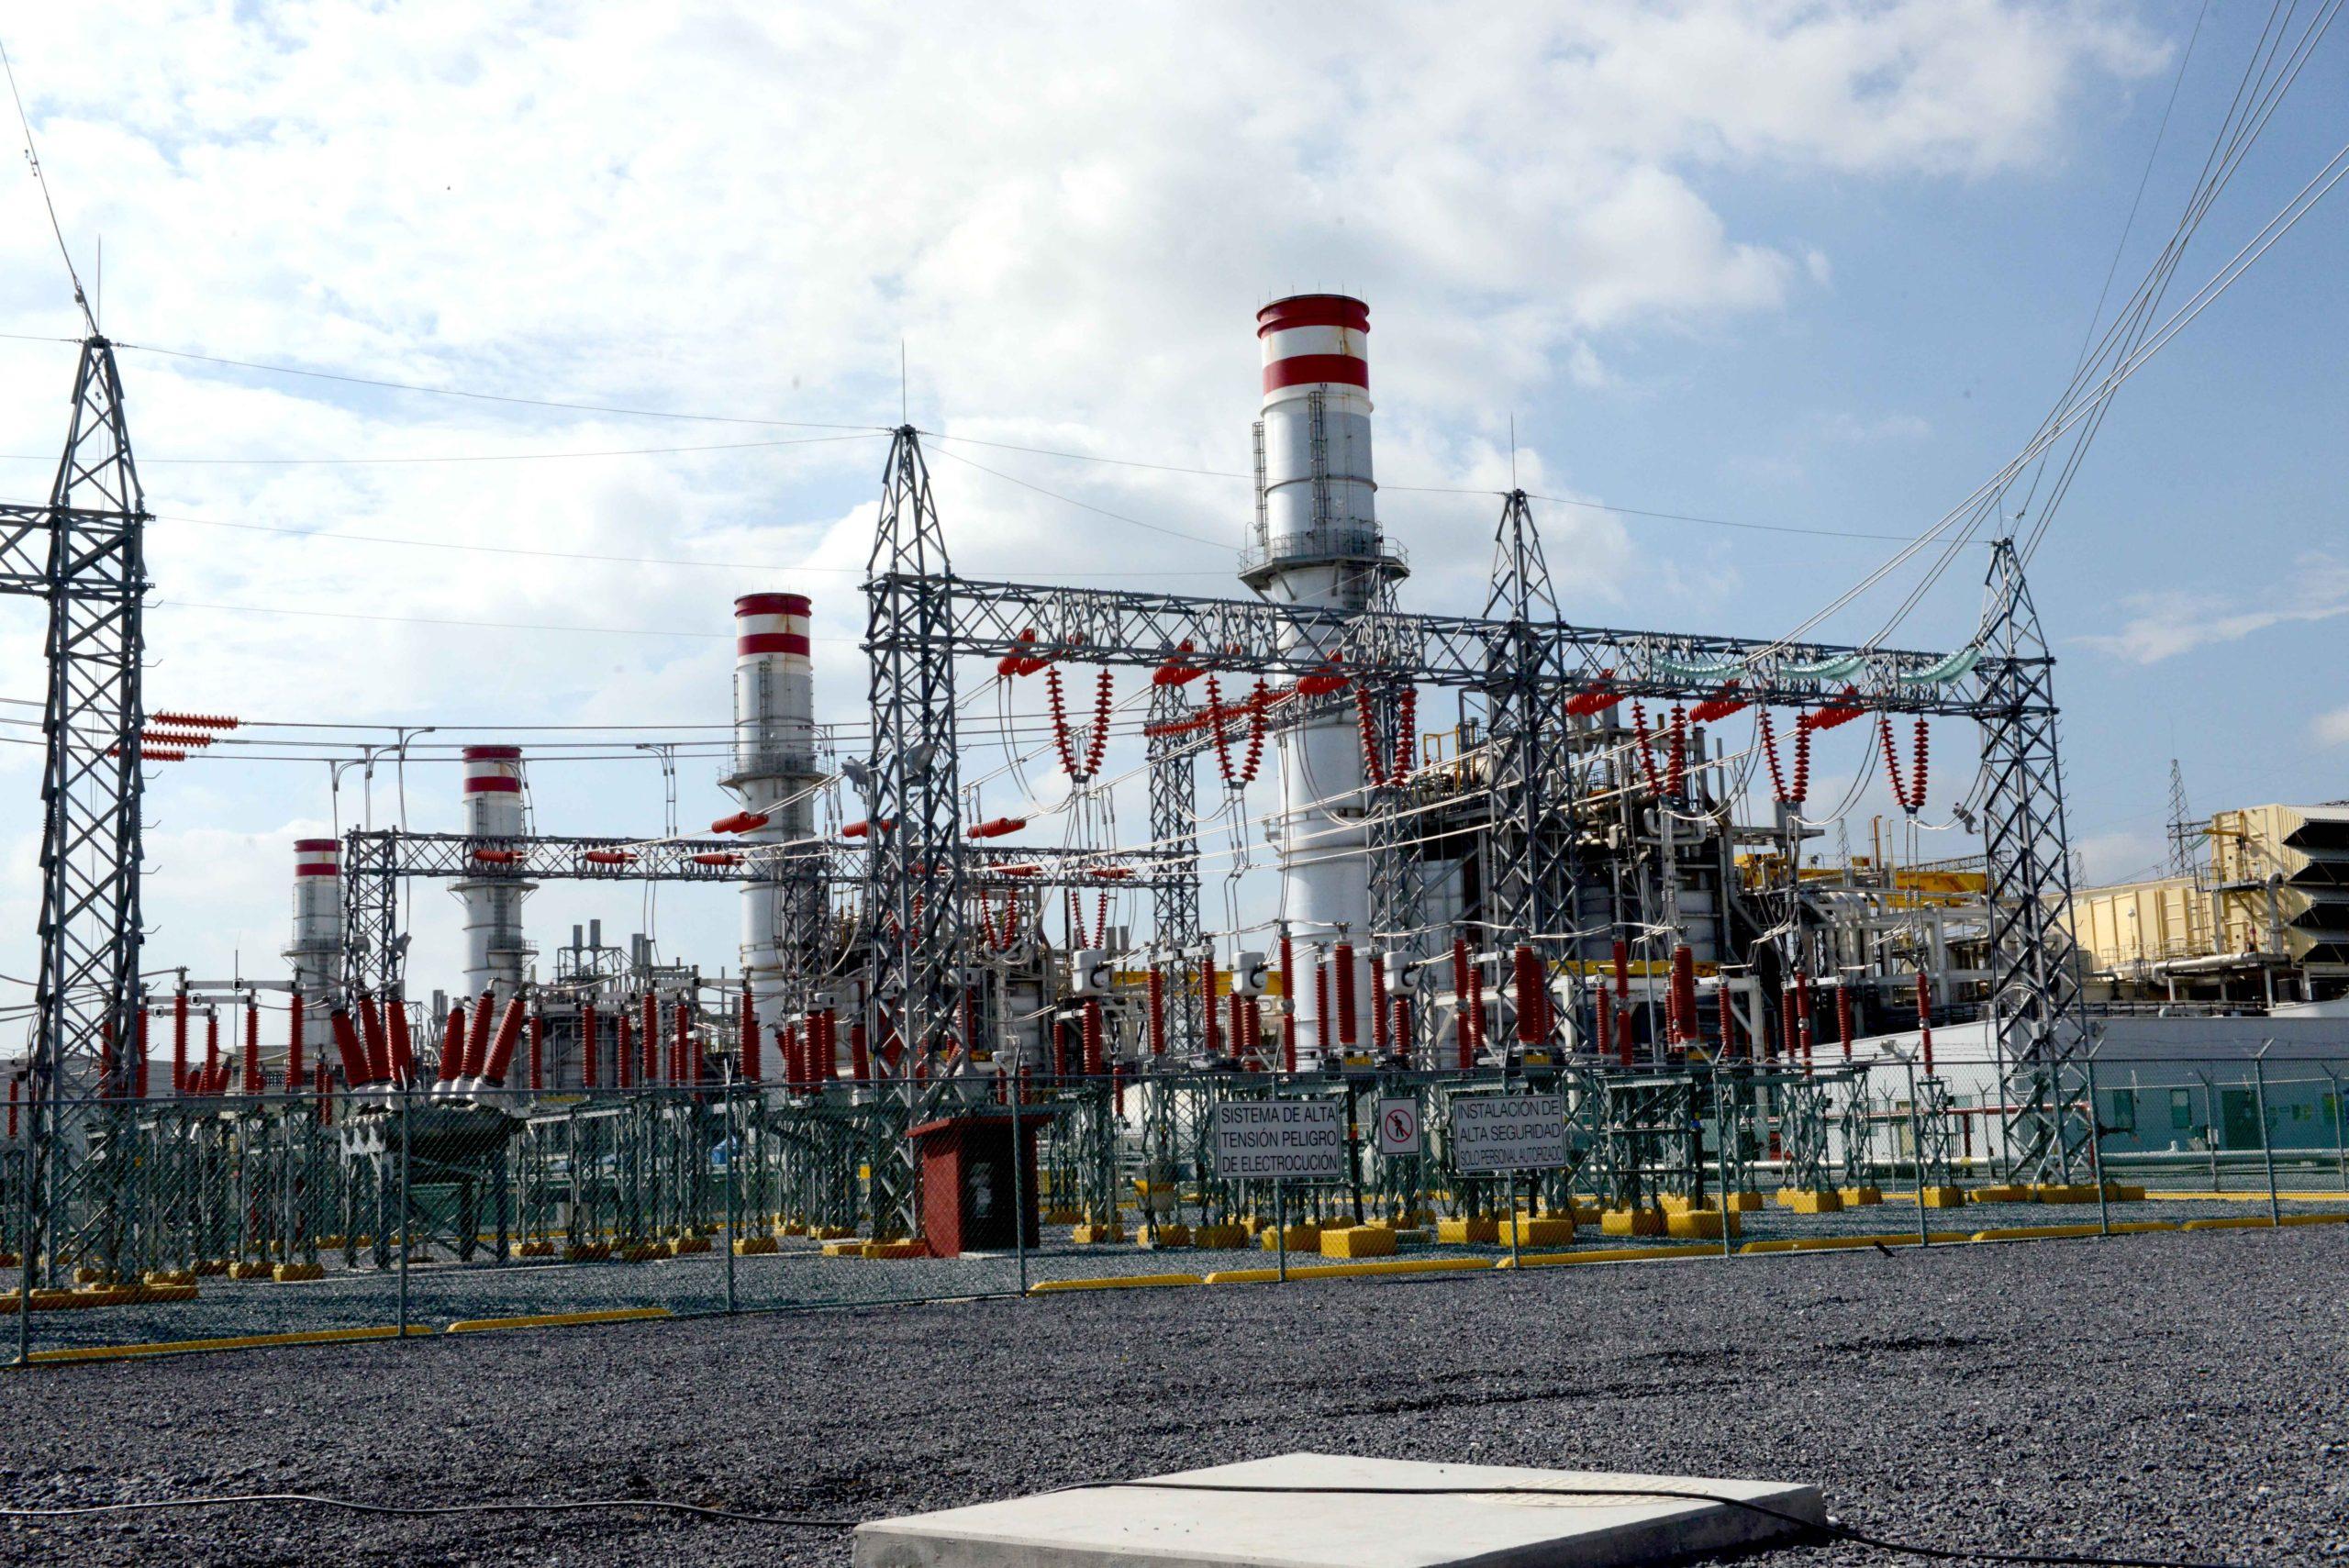 Por crisis del COVID, CFE cancela licitaciones para cuatro centrales eléctricas / reforma eléctrica